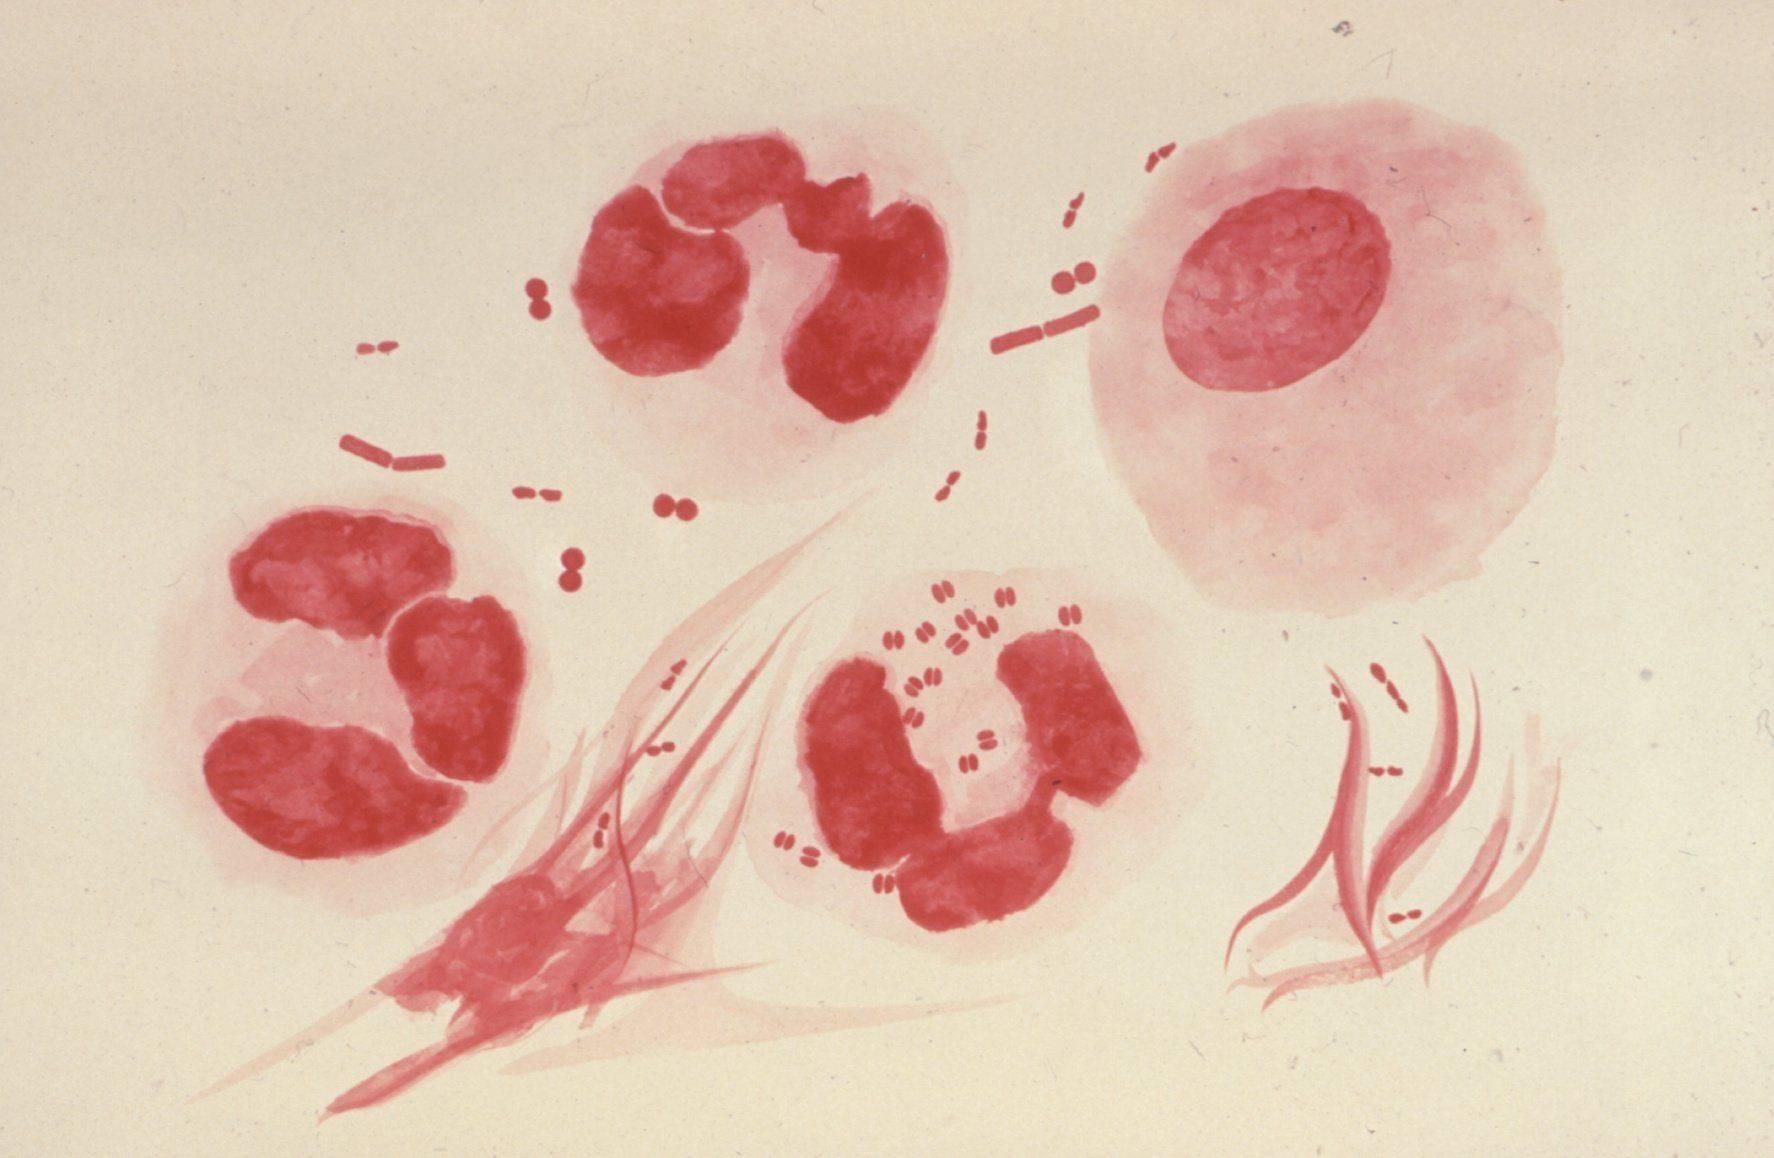 Женские гениталии в сперме в бане — pic 4